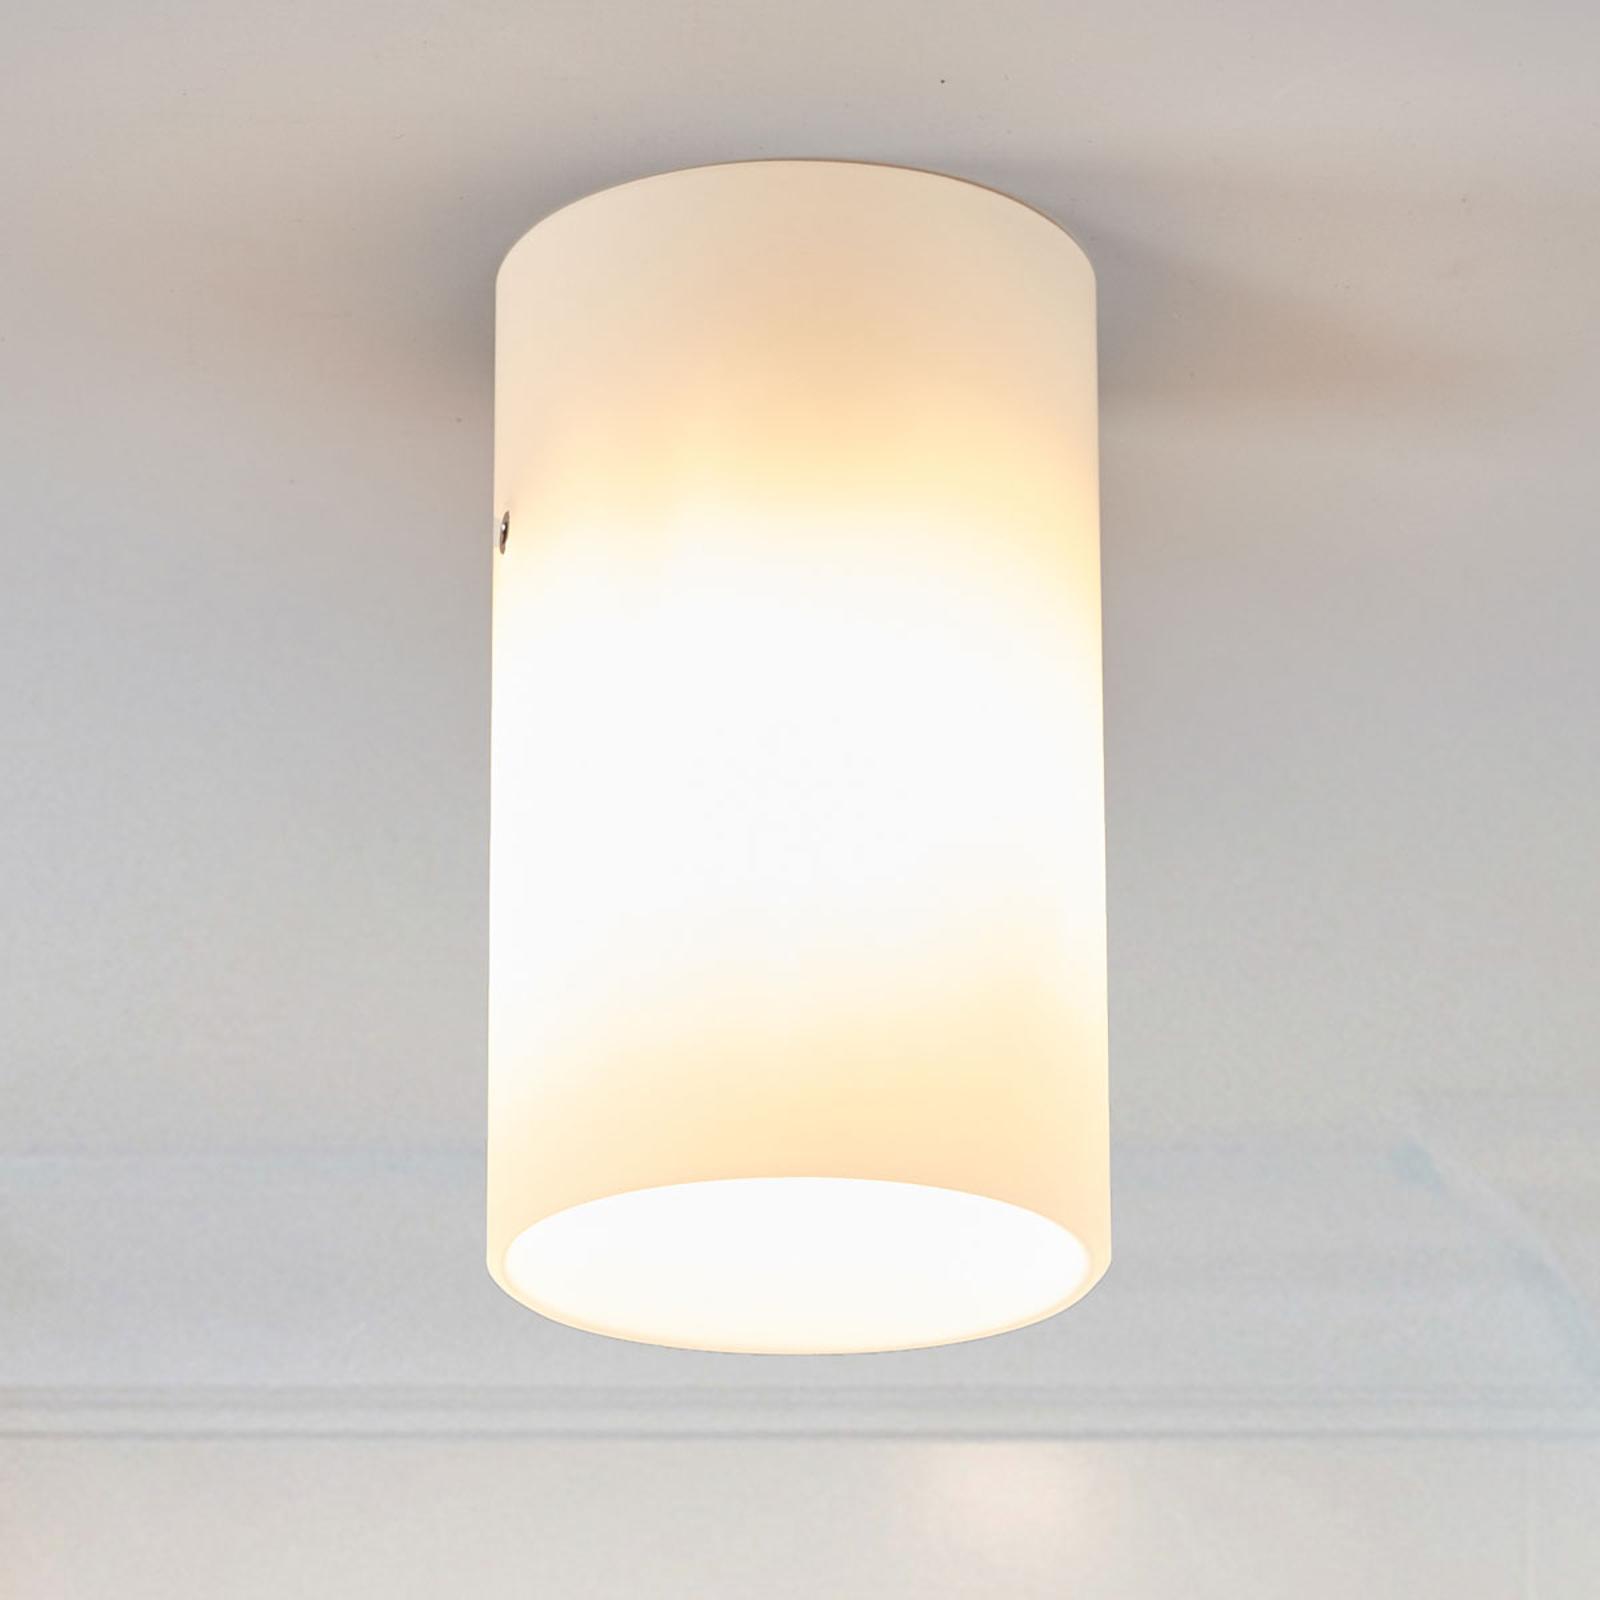 Casablanca Tube loftlampe, Ø 6 cm, G9-fatning